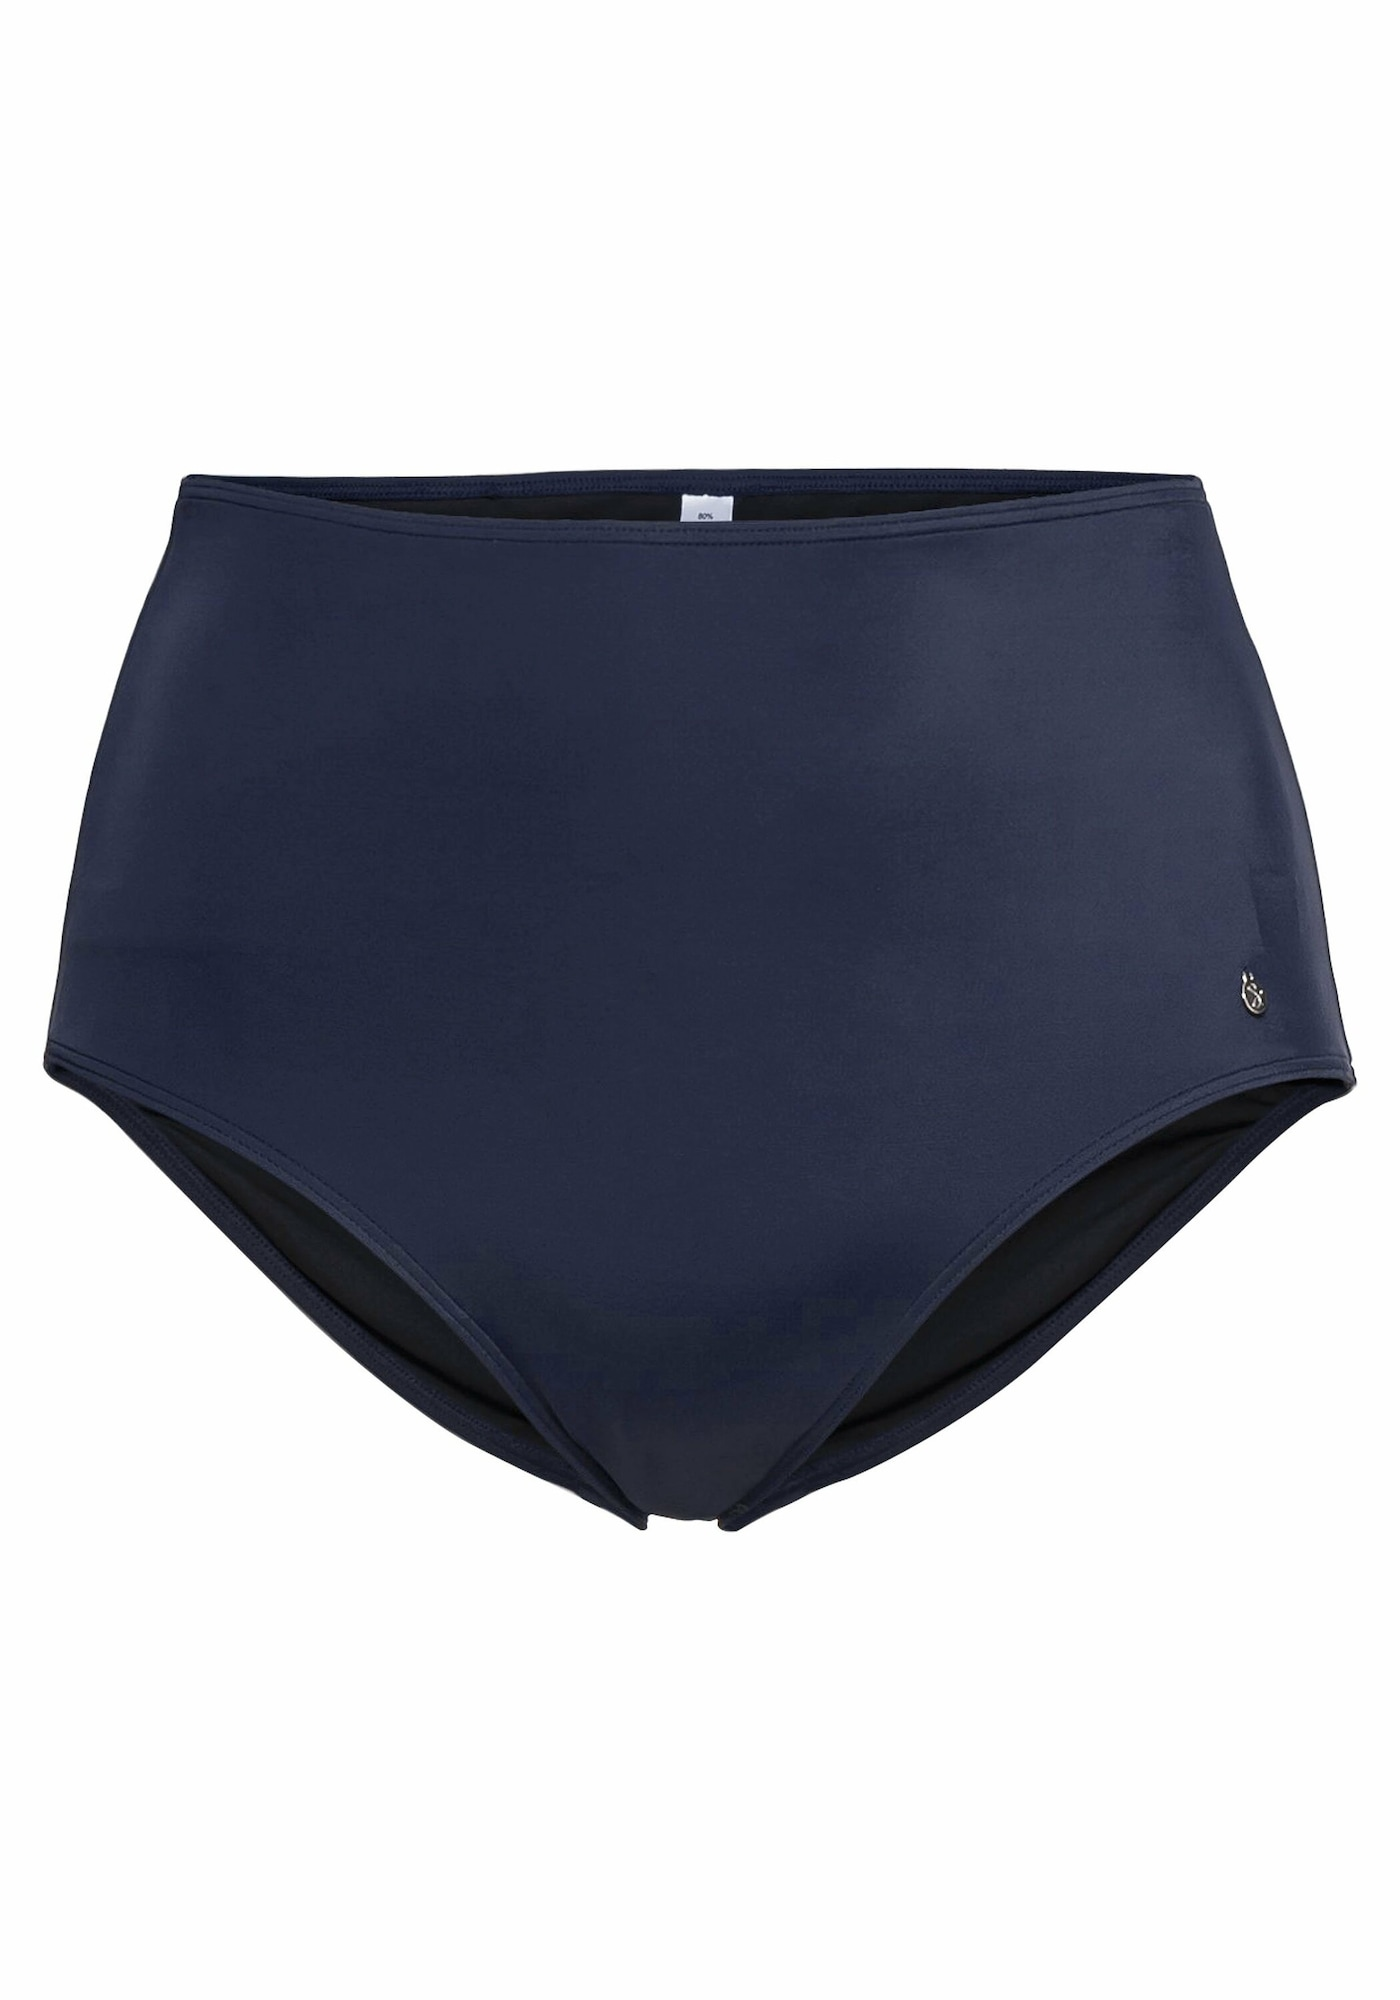 SHEEGO Bikinio kelnaitės tamsiai mėlyna jūros spalva